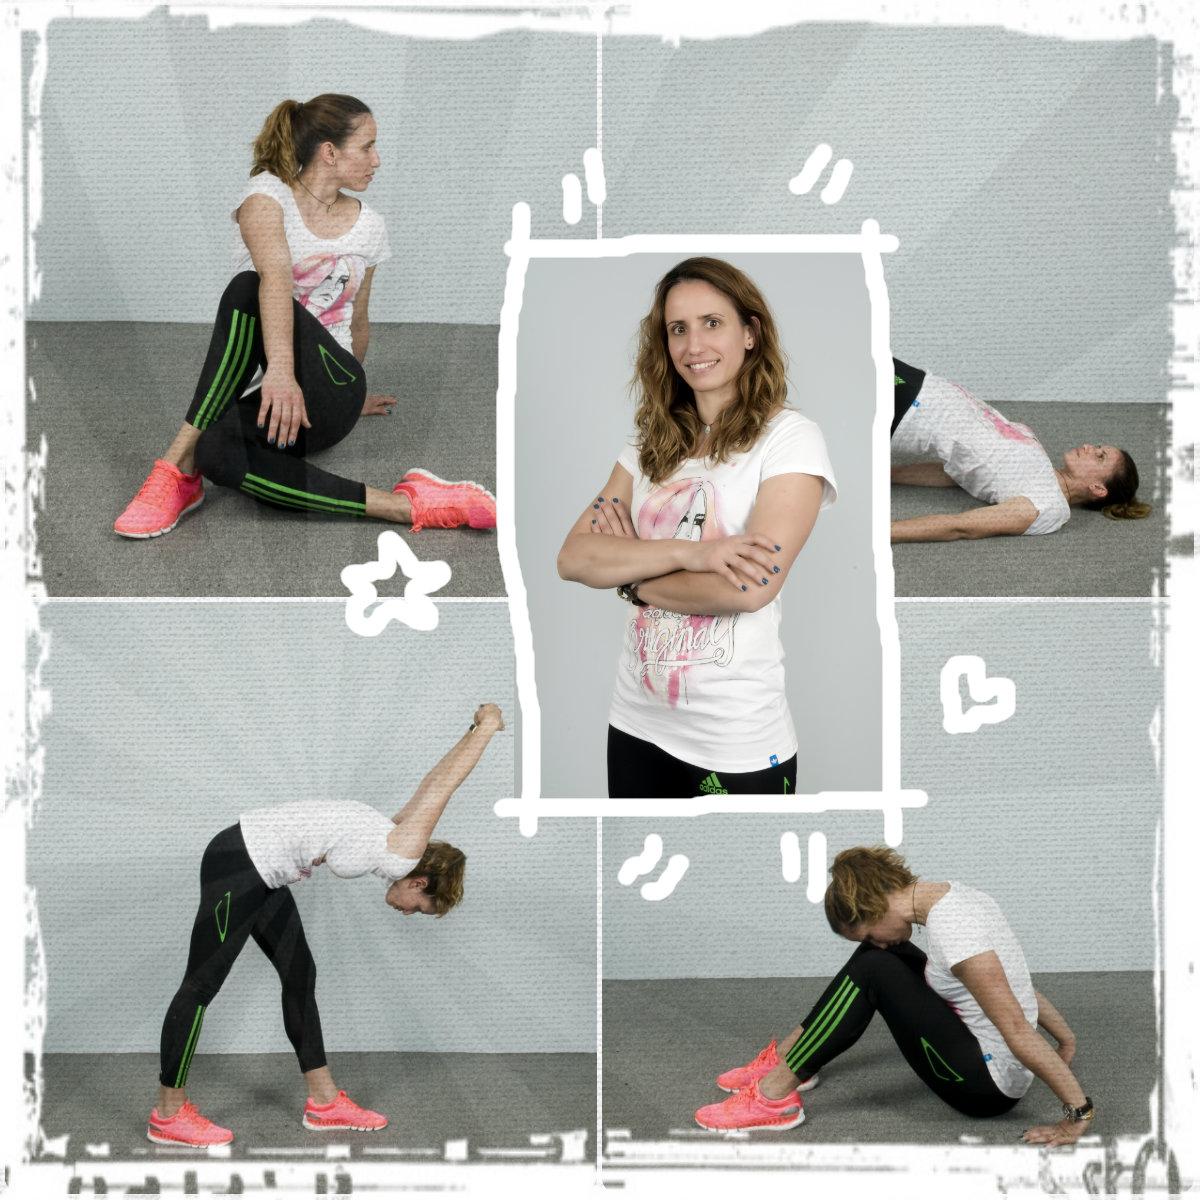 1 | LIKE A PRO! Η Bίκυ Αρβανίτη ολοκληρώνει το πρόγραμμα Pilates για τέλειο σώμα